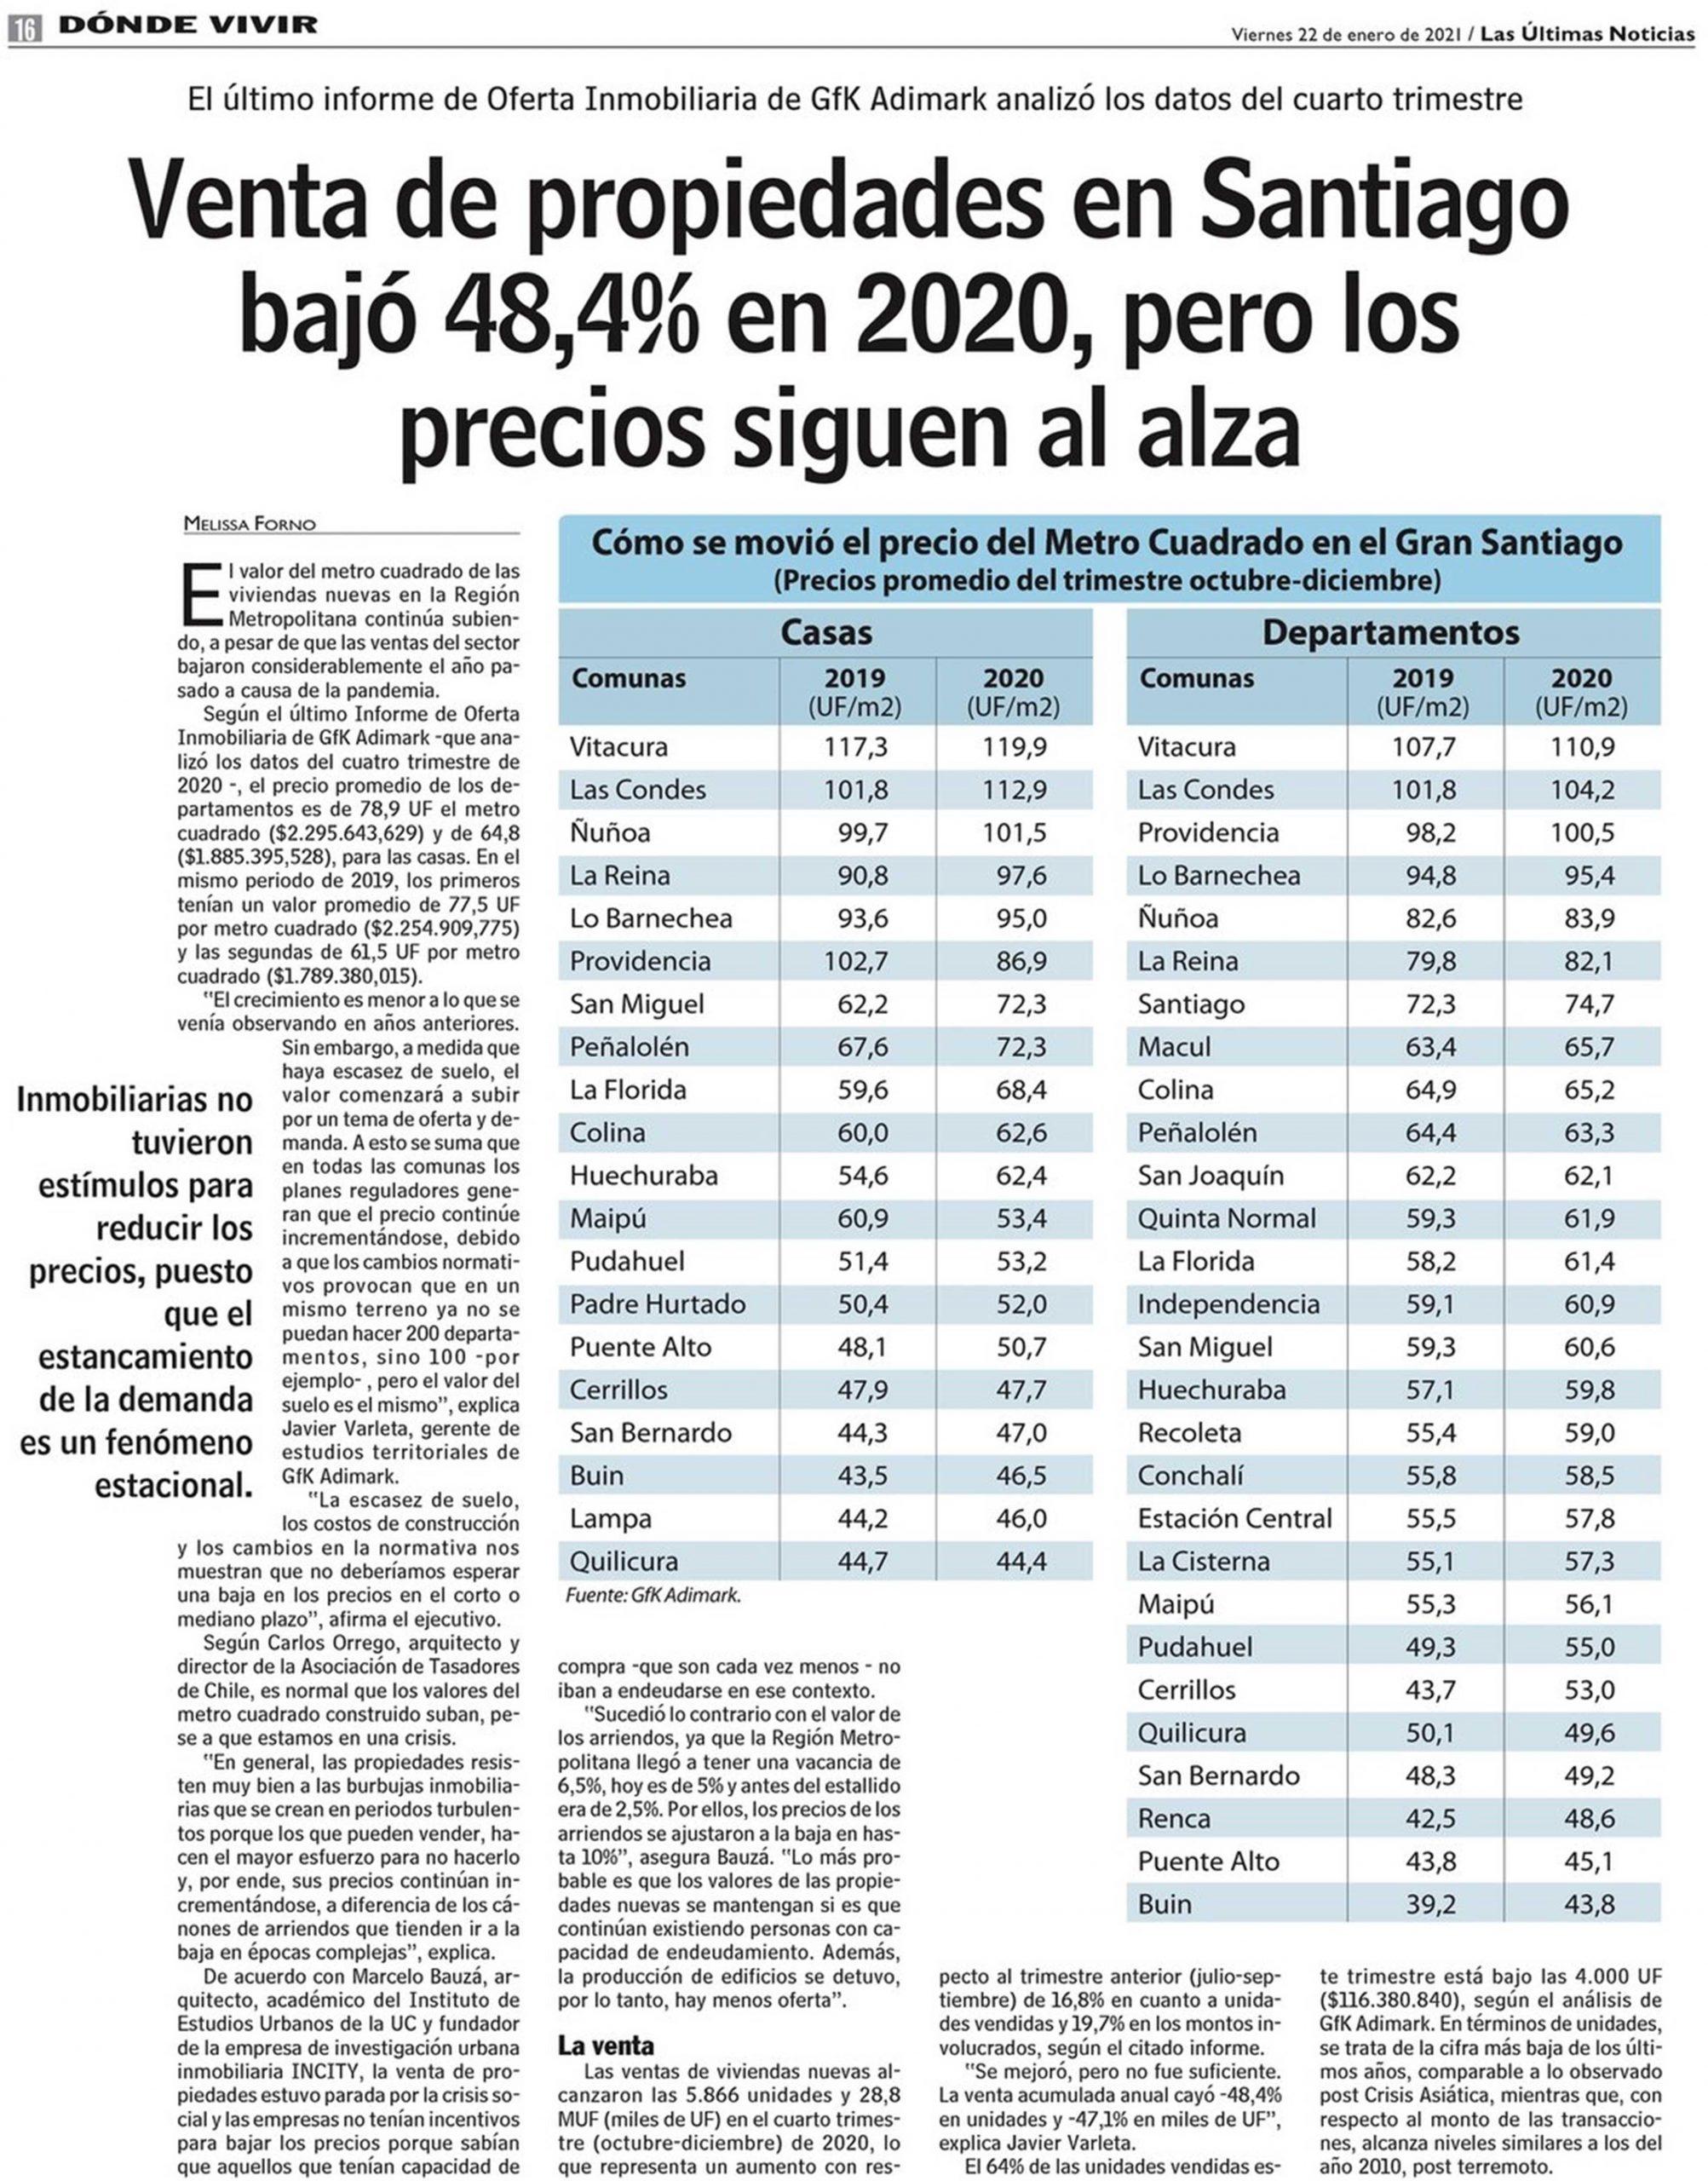 LUN: Venta de propiedades en Santiago bajó 48,4 % en 2020, pero los precios siguen al alza